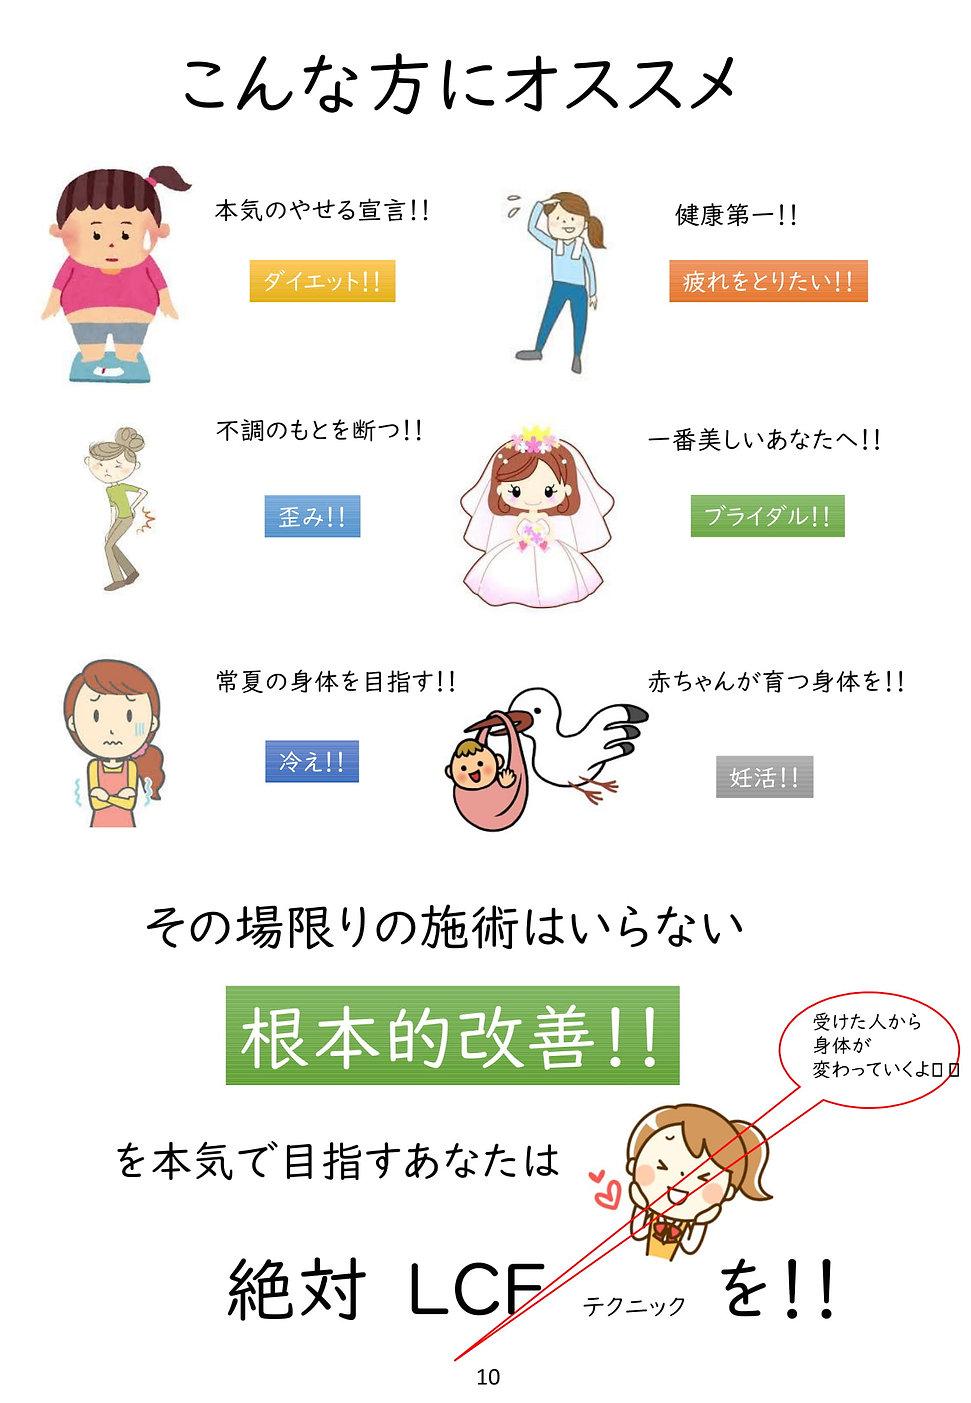 新しおり冊子H3107送付-21.jpg